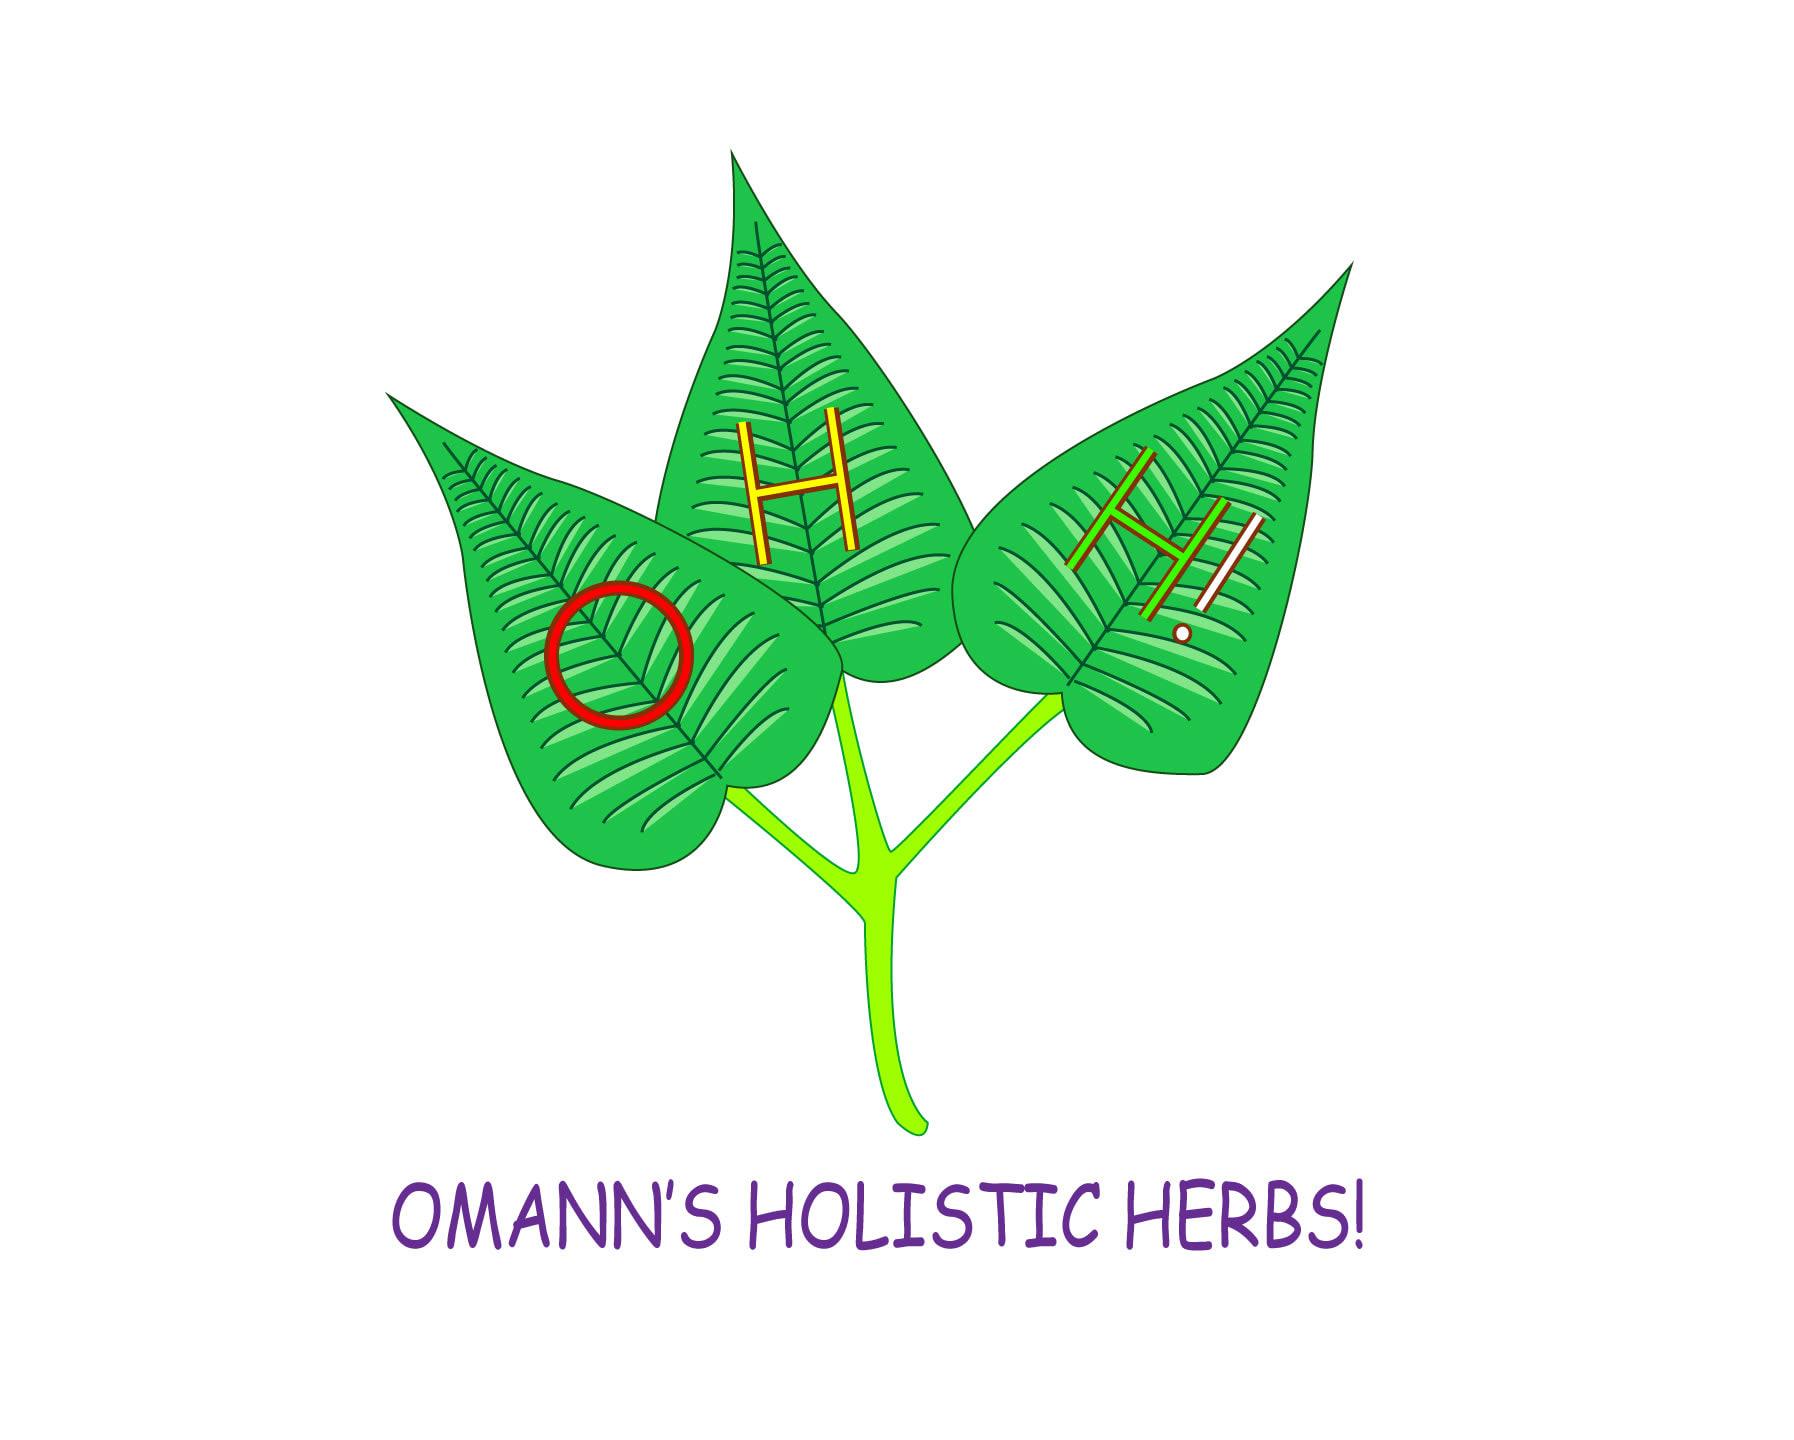 OHH! Omann's Holistic Herbs